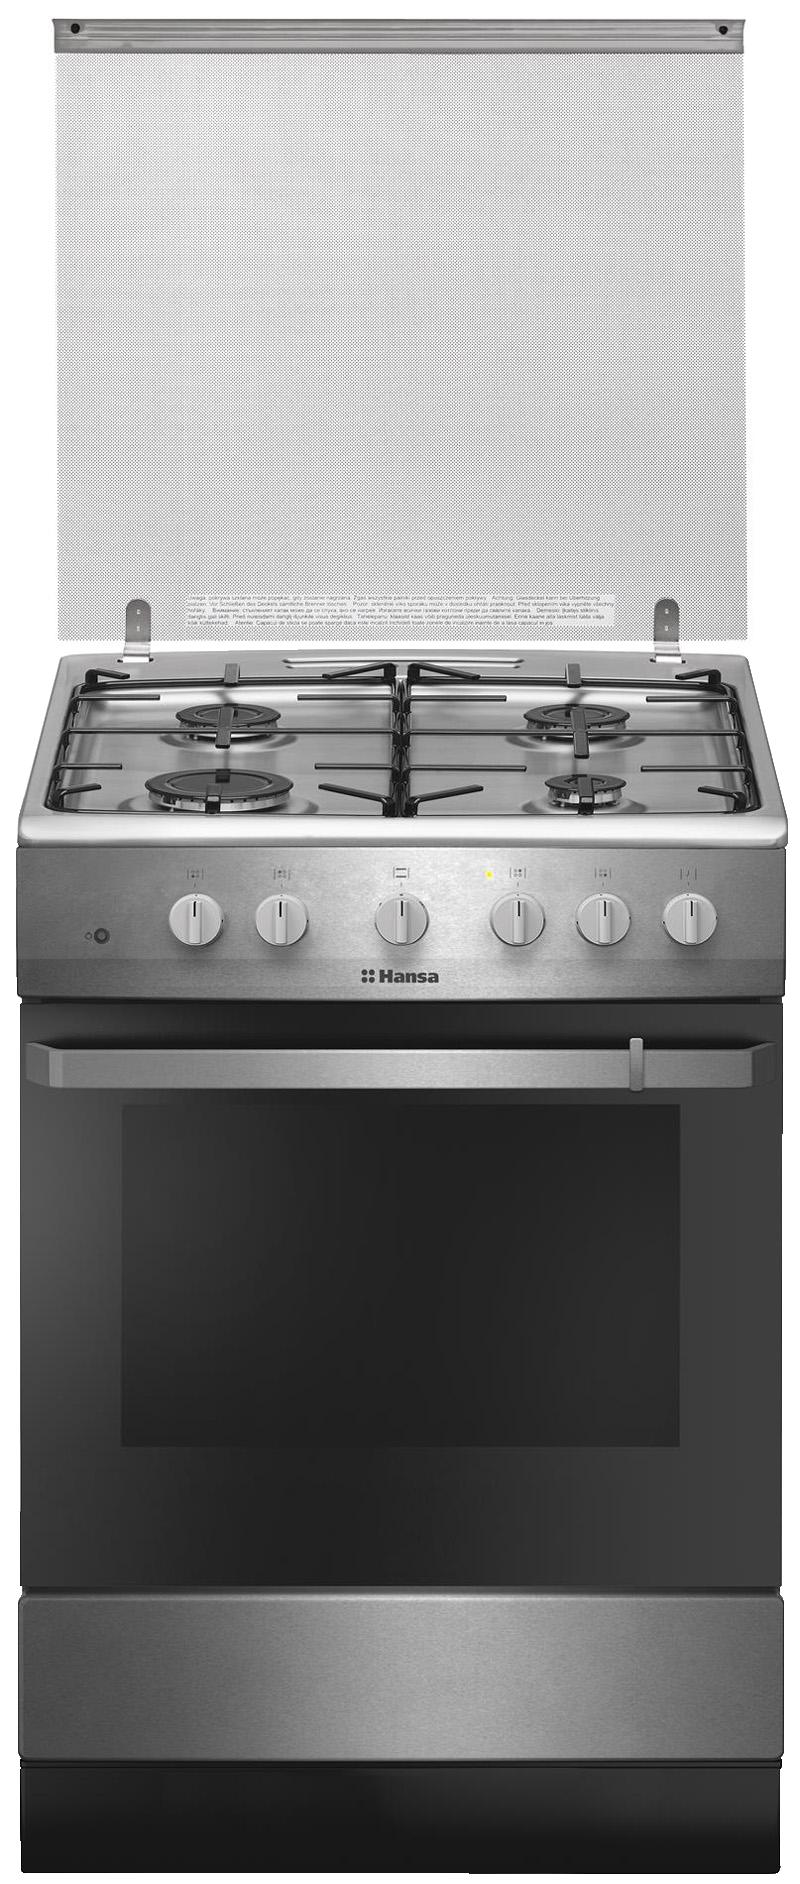 FCGX621009 - Laisvai statoma viryklė su dujine kaitlente